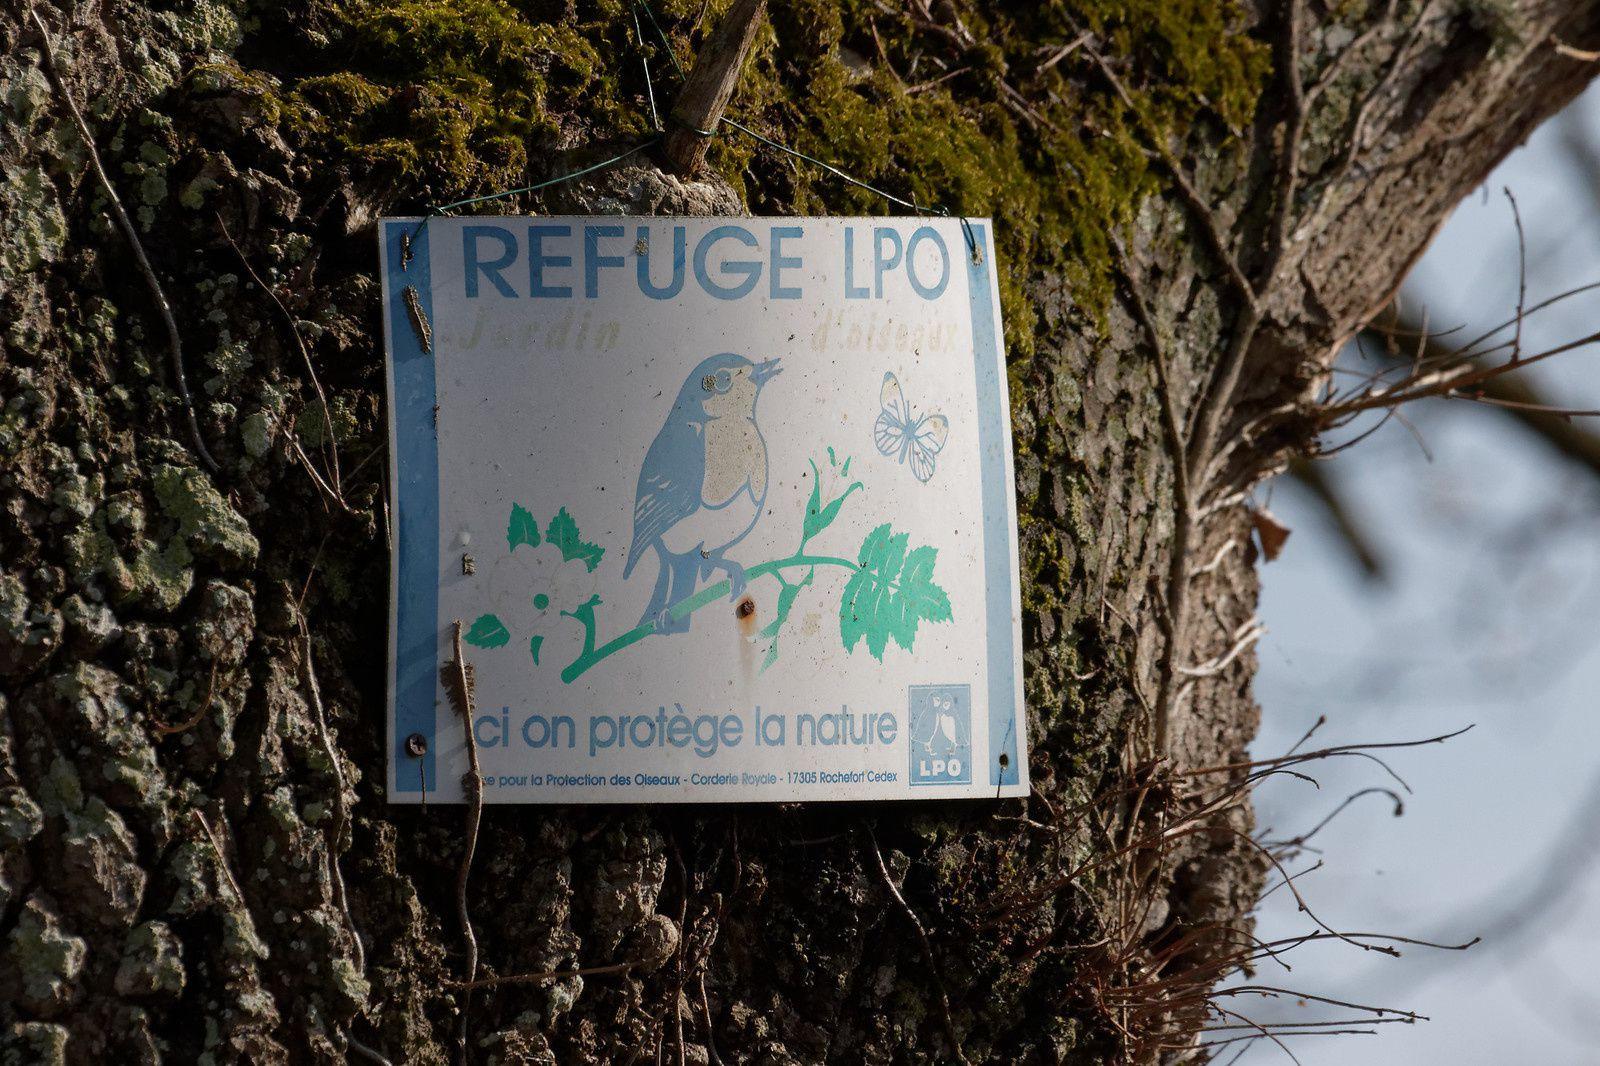 235 - Près d'un refuge LPO dans la Sarthe : 25 26 mars 2016